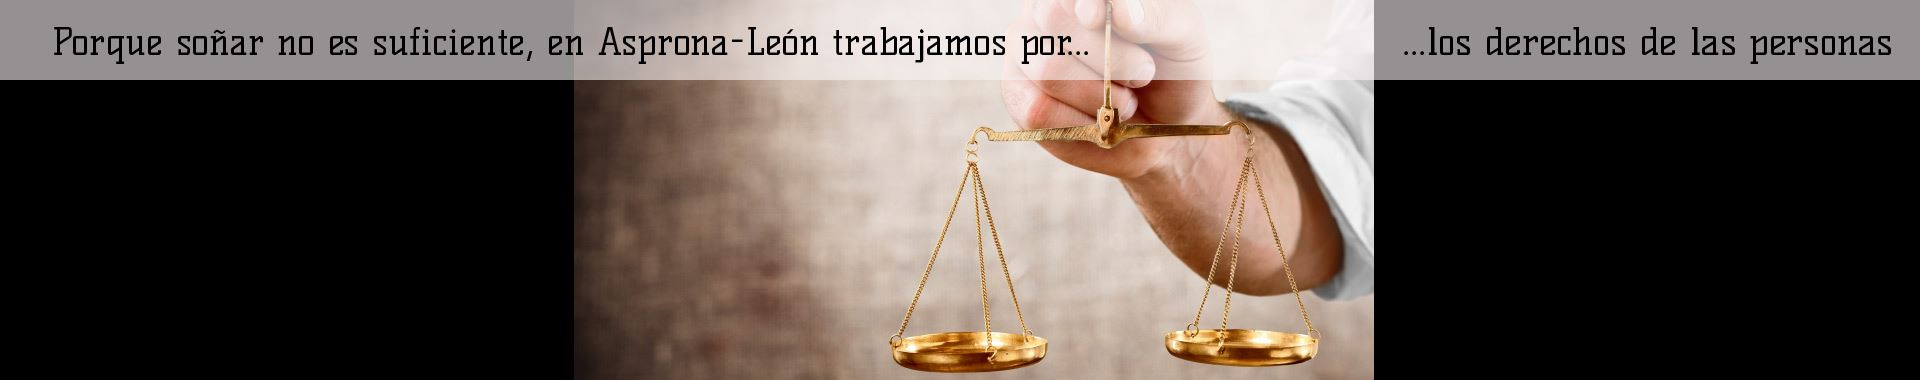 derechos personas